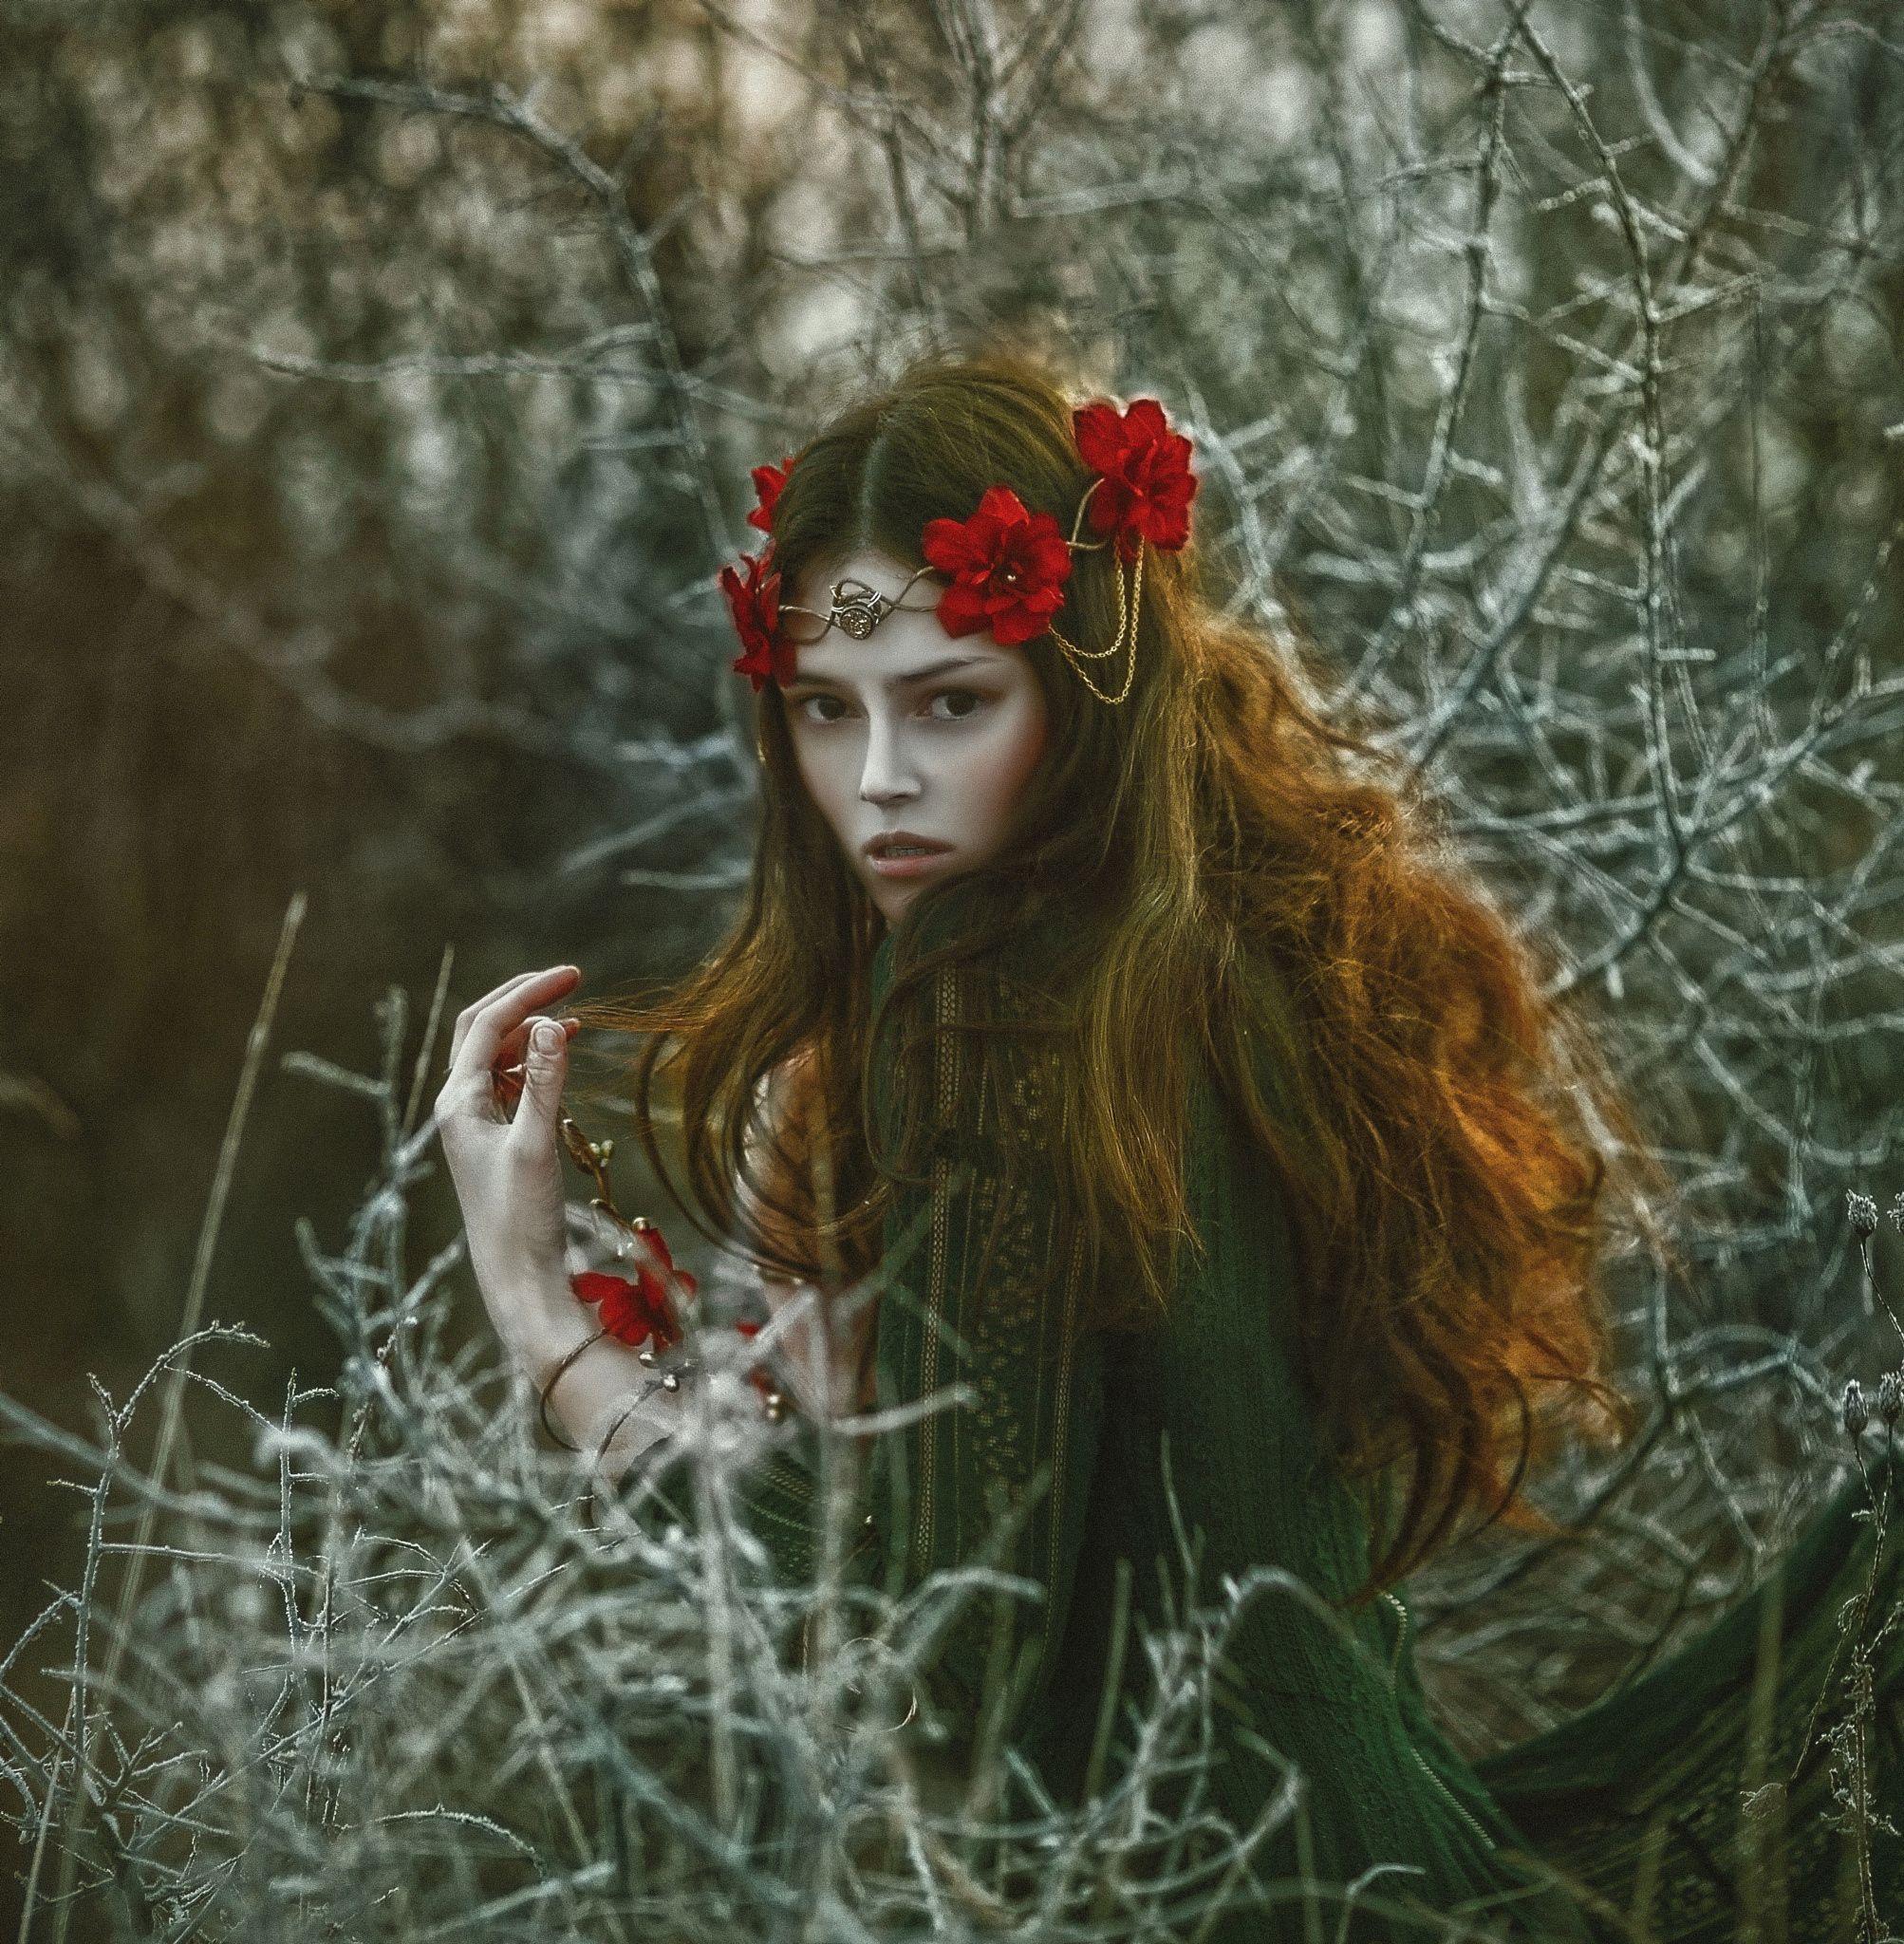 женщин предпочитают картинки лесных ведьм руки ангелов можно